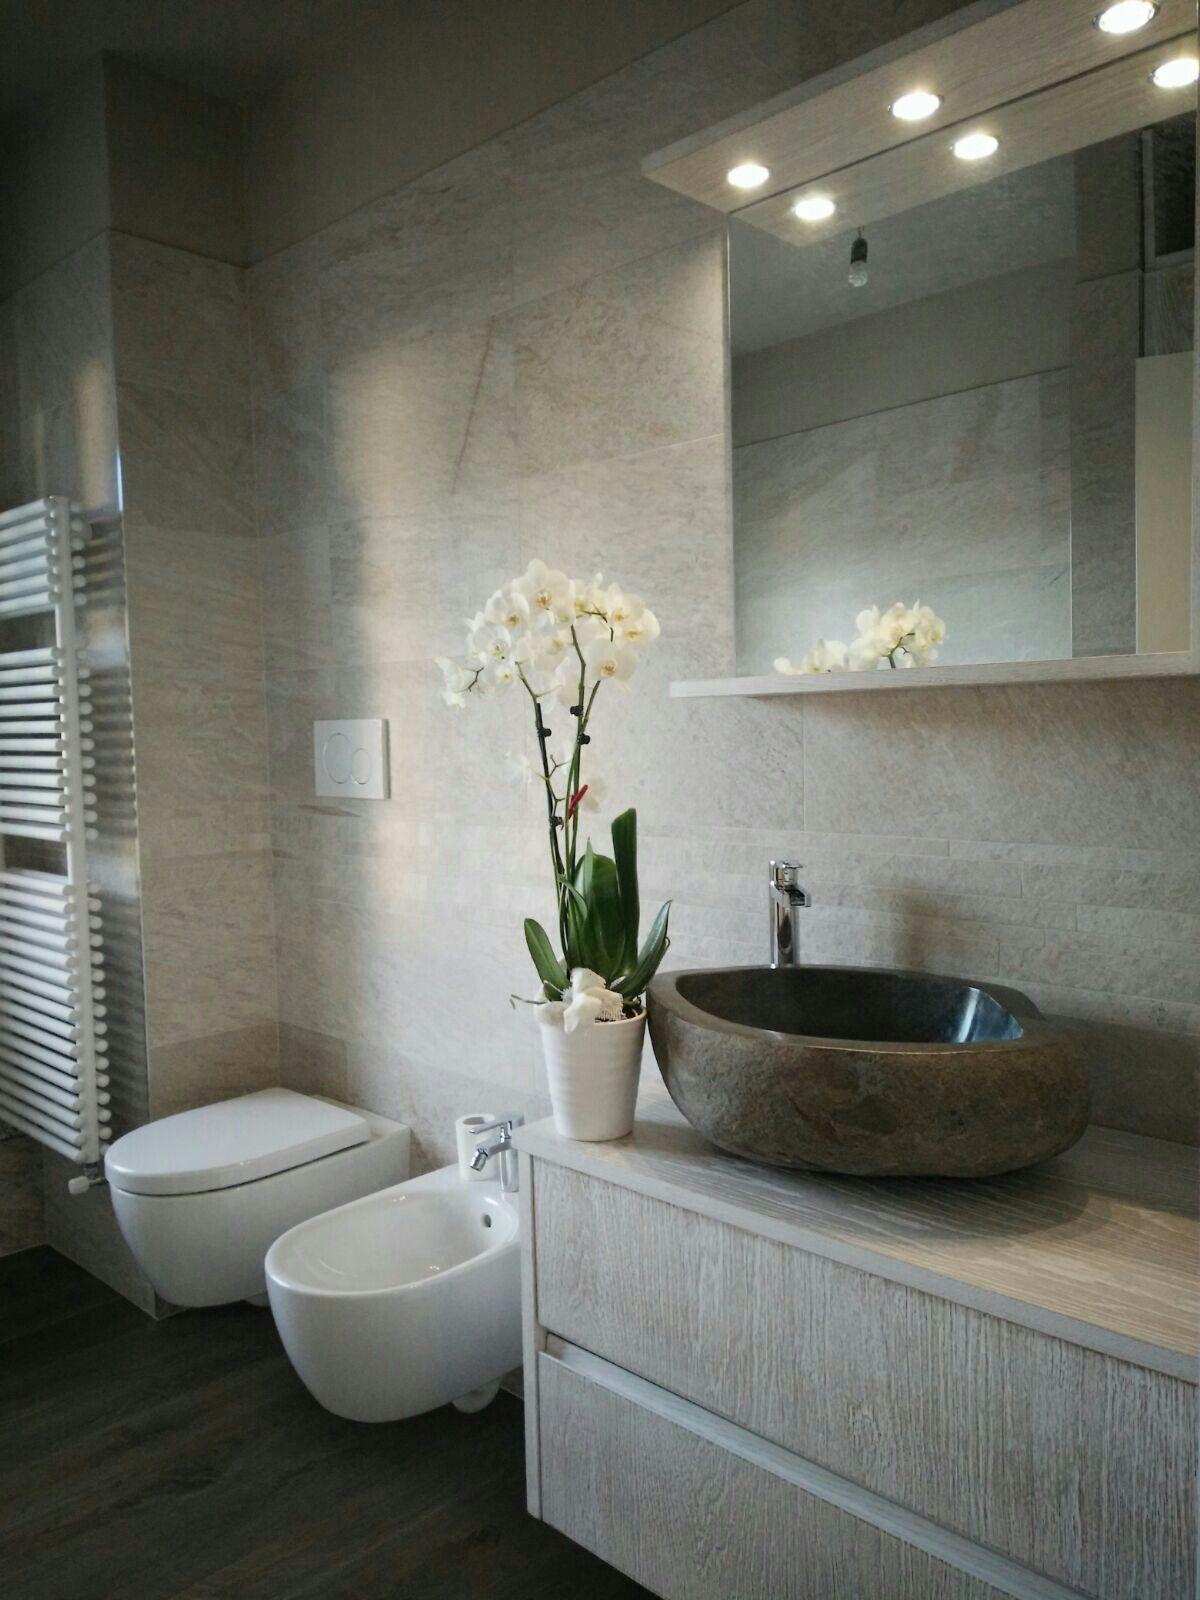 Bagno moderno con lavabo in pietra naturale